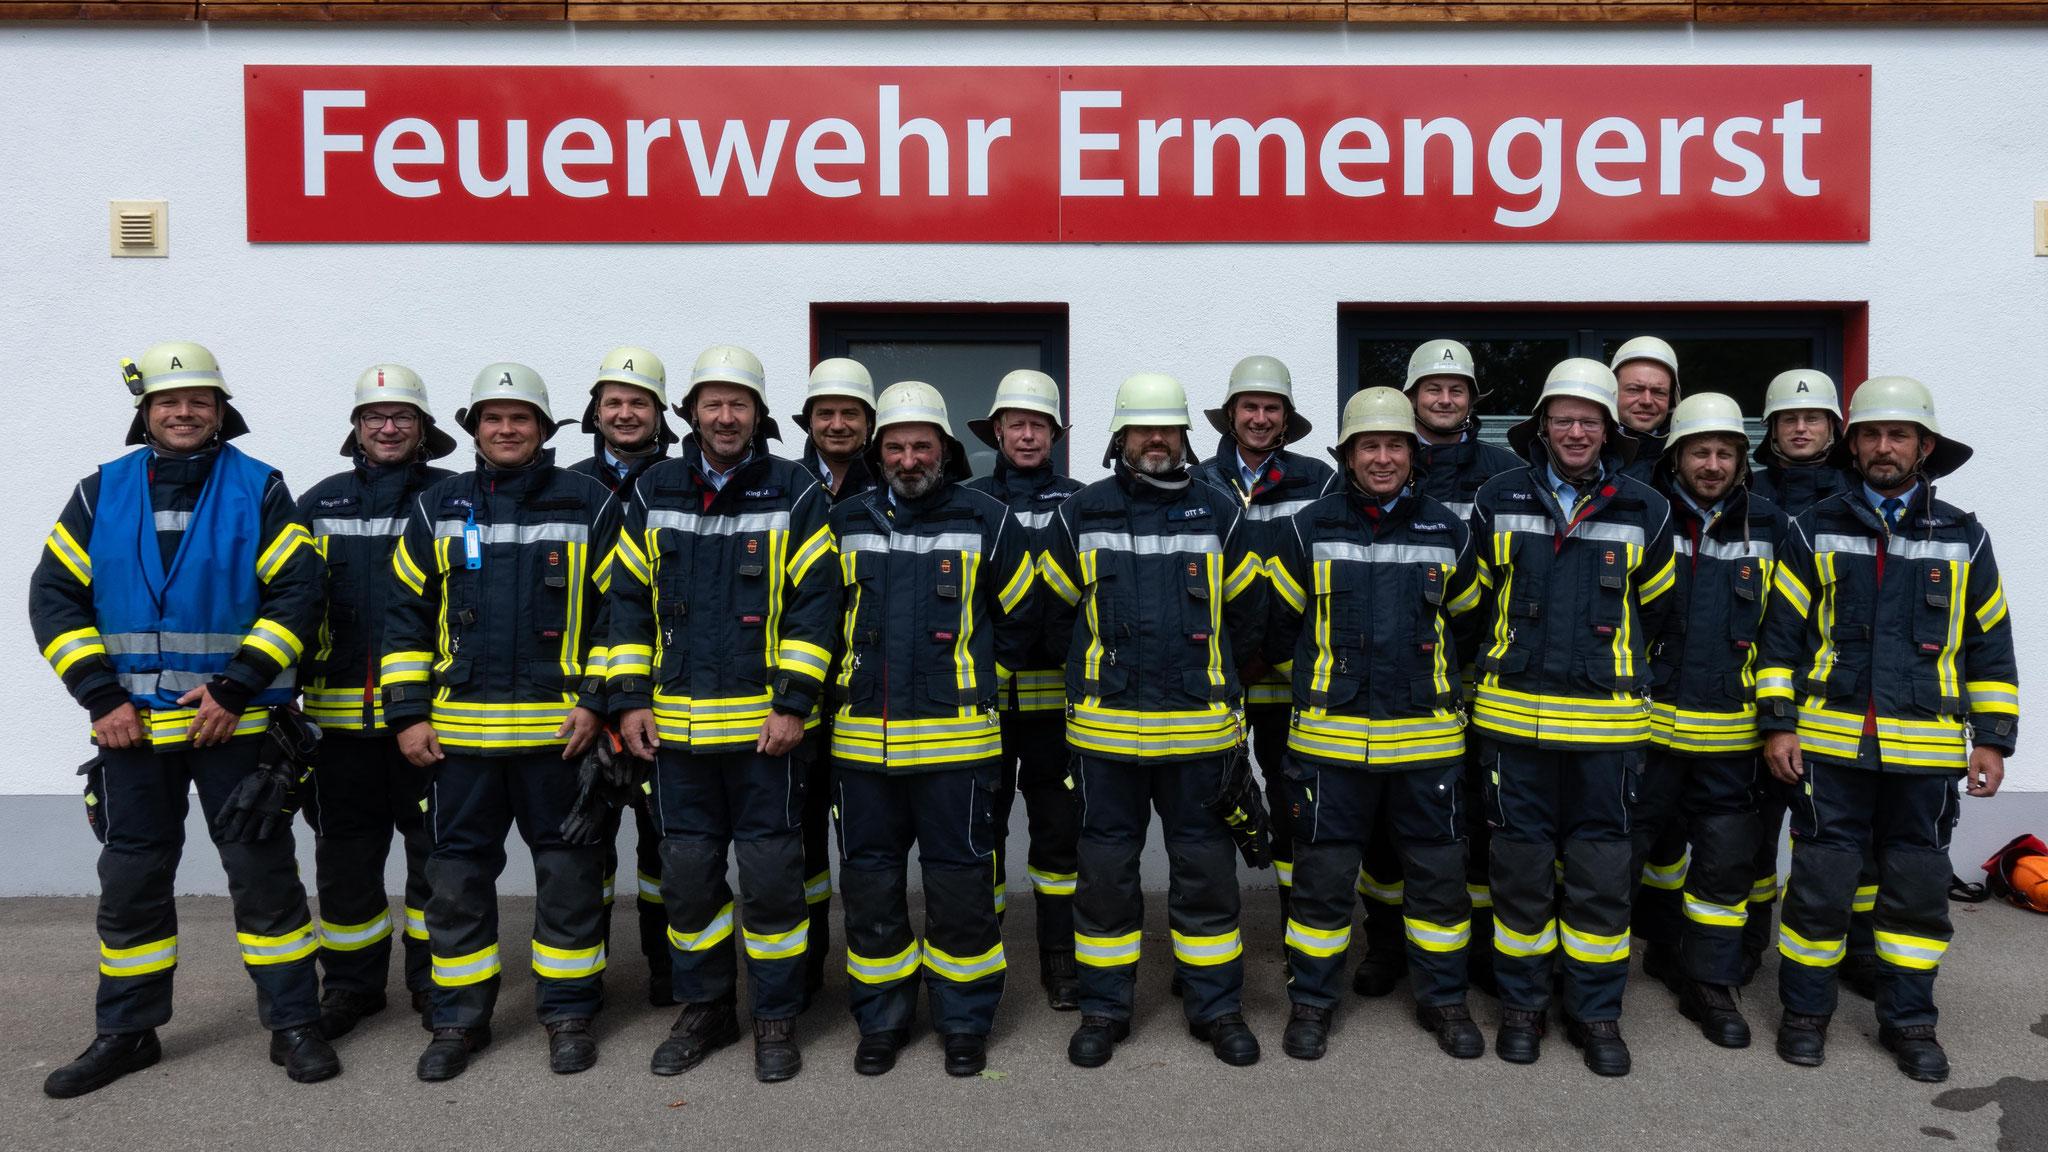 Freiwillige Feuerwehr Ermengerst - Gruppe 1